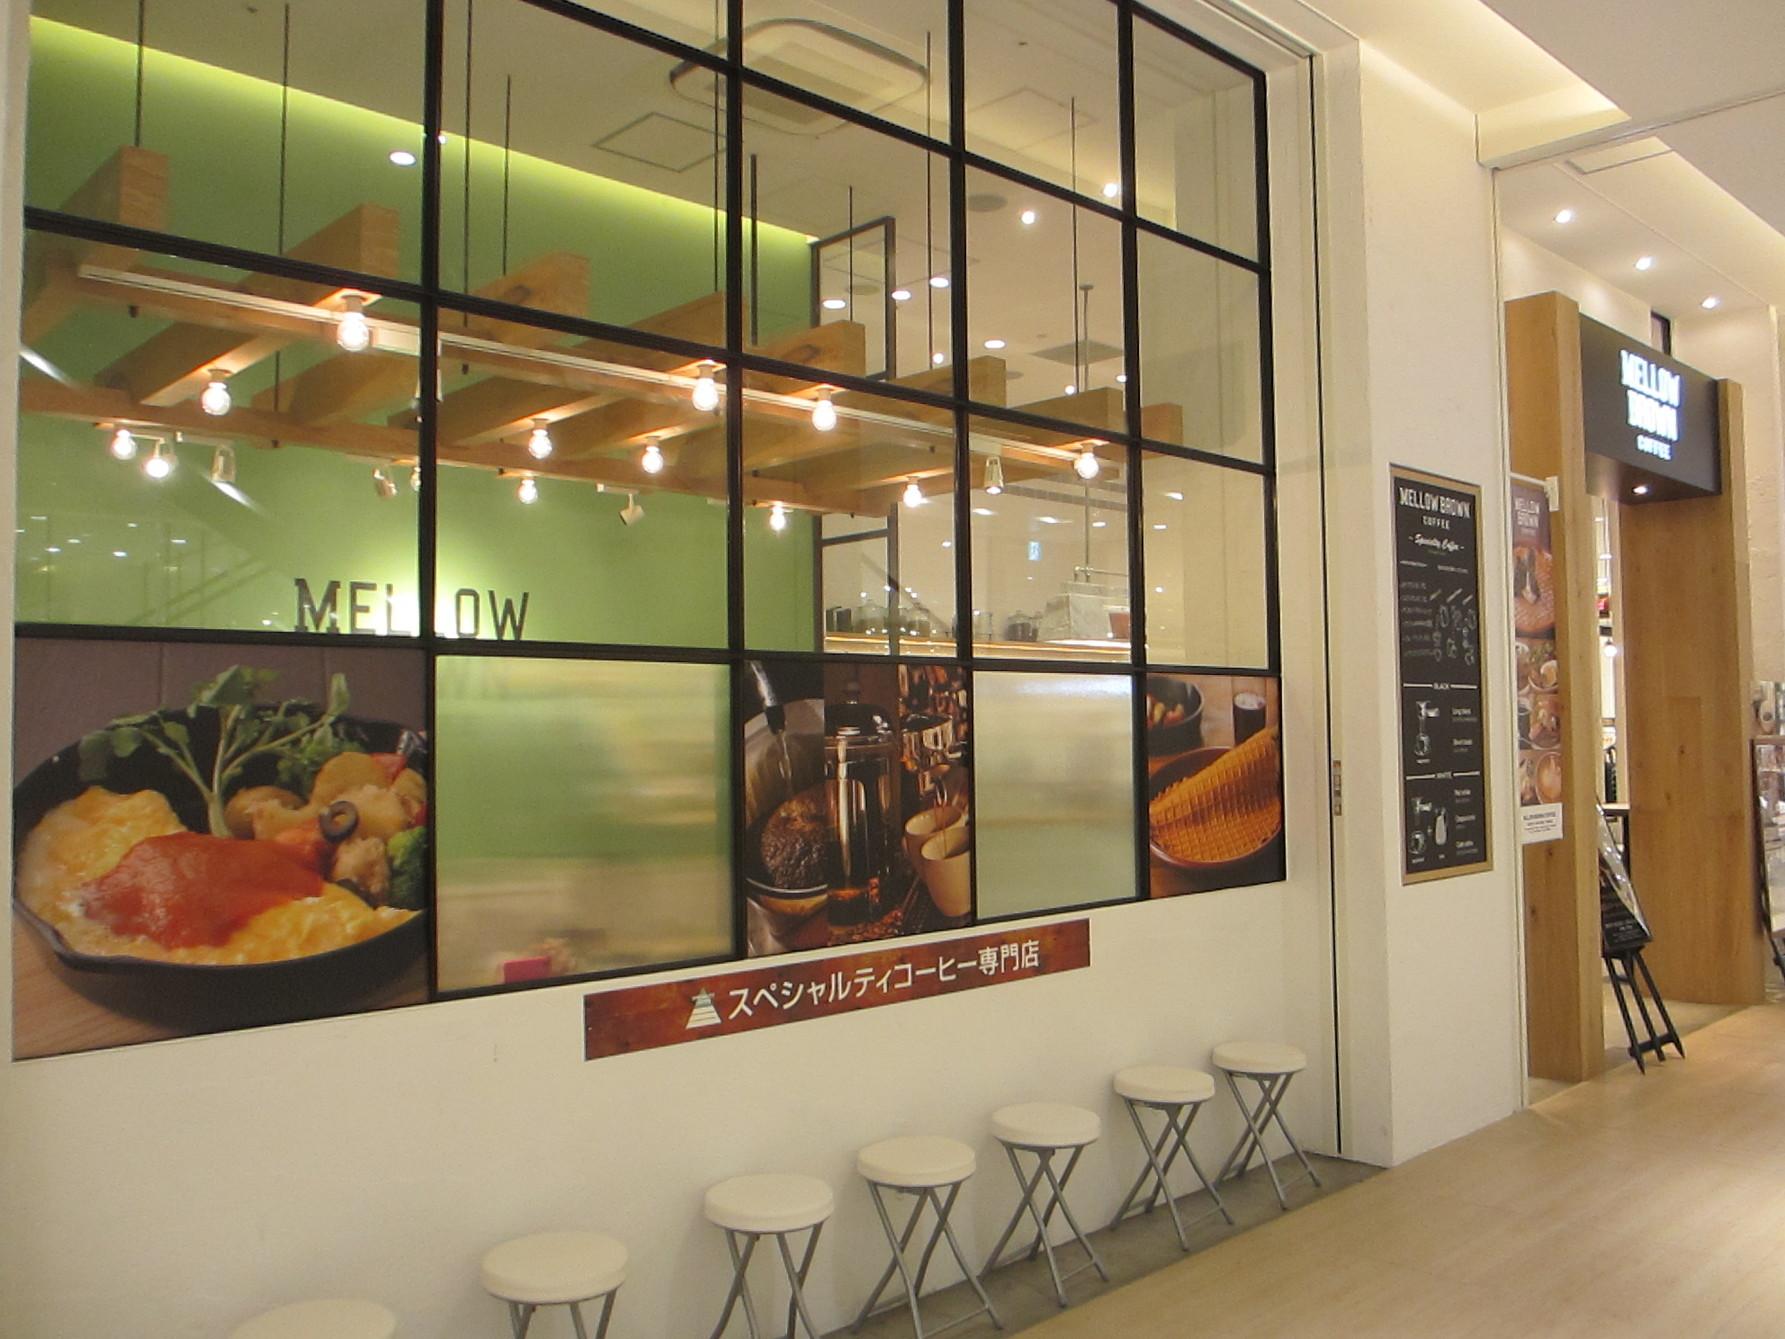 メロウ ブラウン コーヒー グランツリー武蔵小杉店